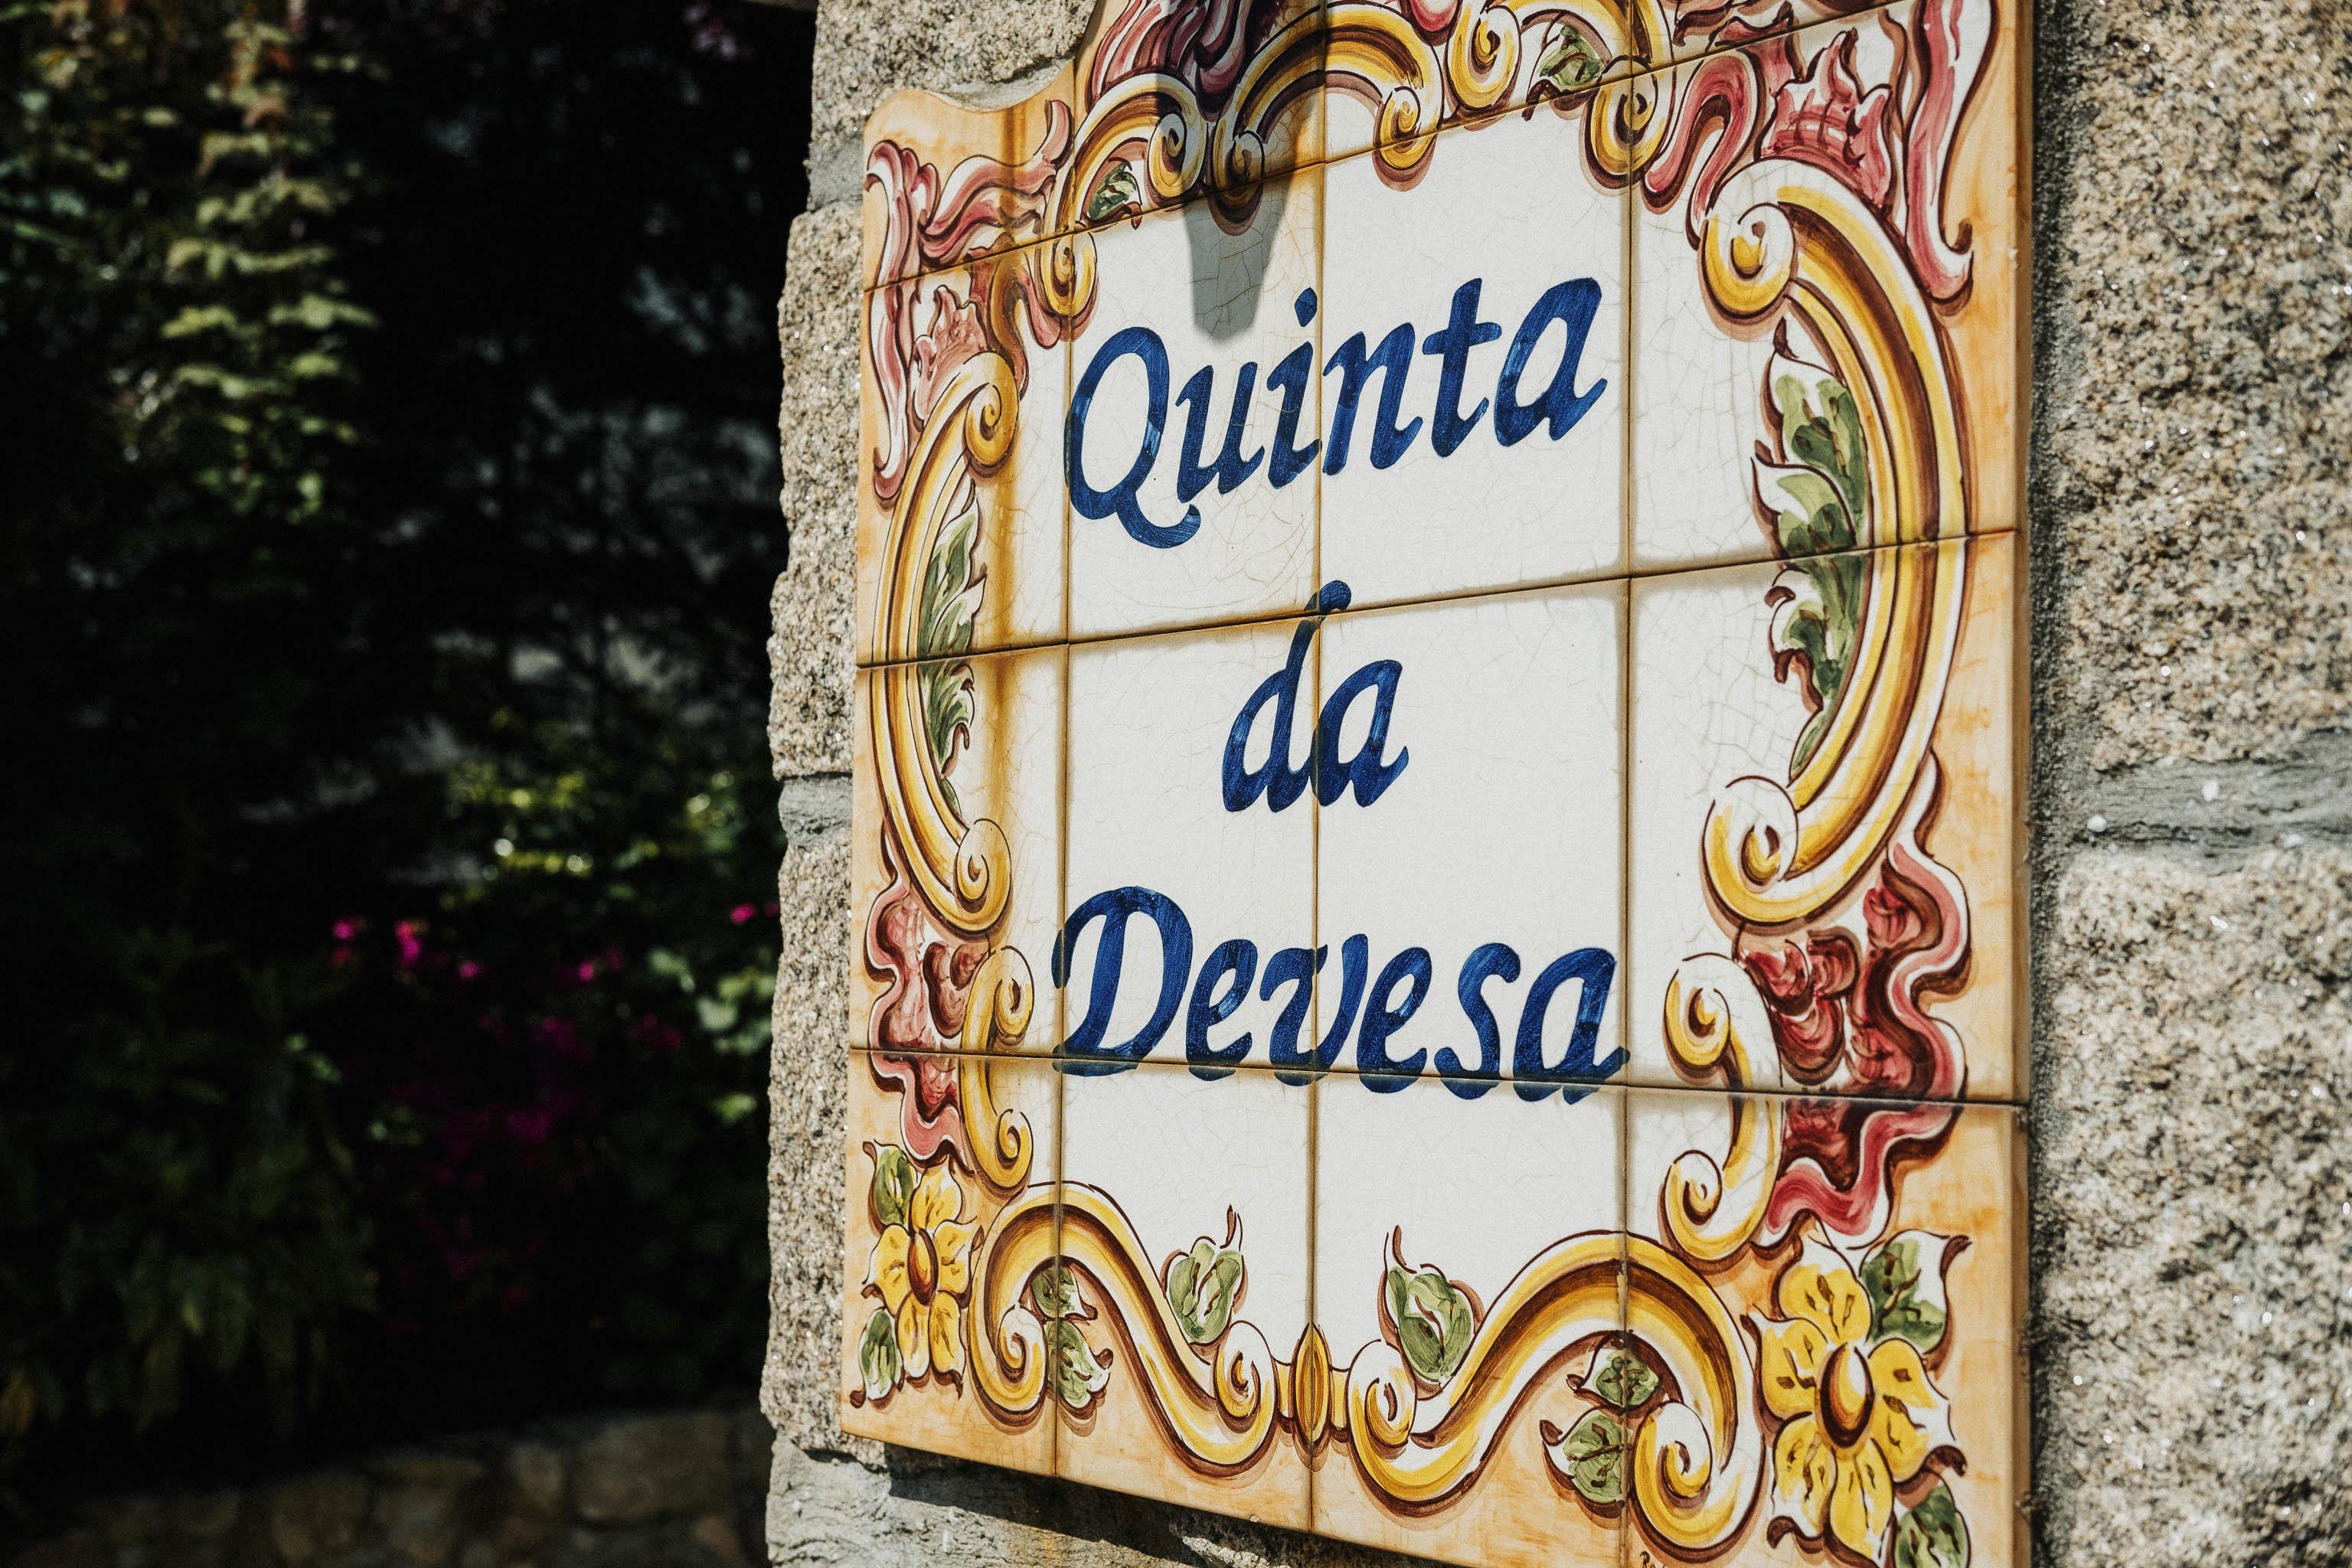 Contate Quinta da Devesa - Vila Nova de Gaia